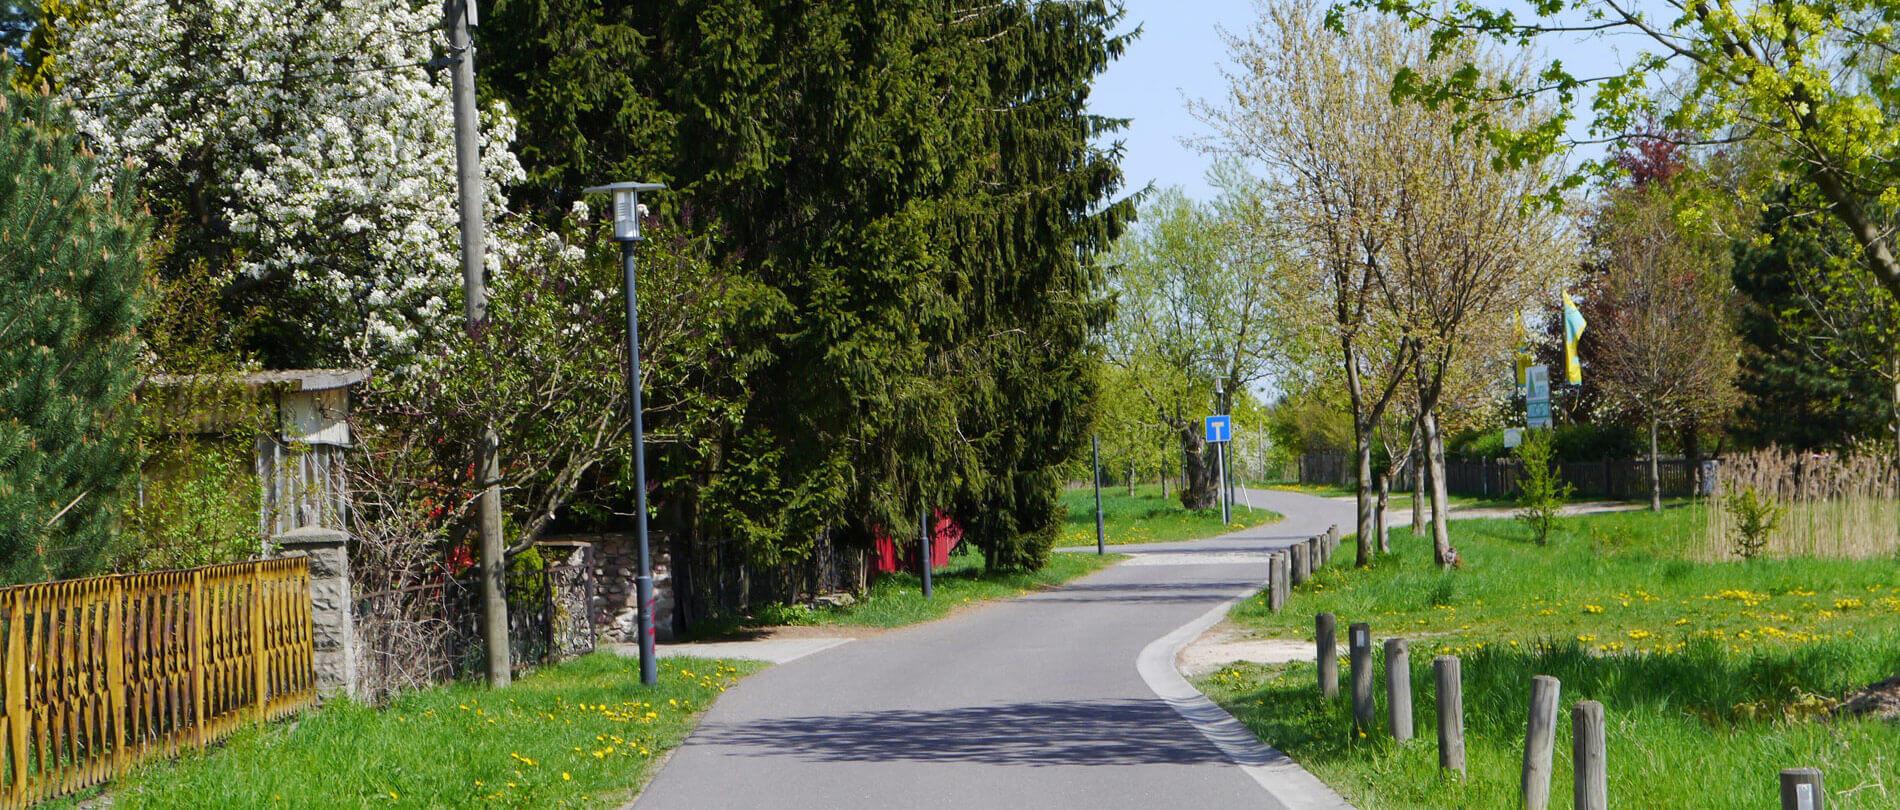 Kleine Straße mit vielen Bäumen und blühenden Büschen